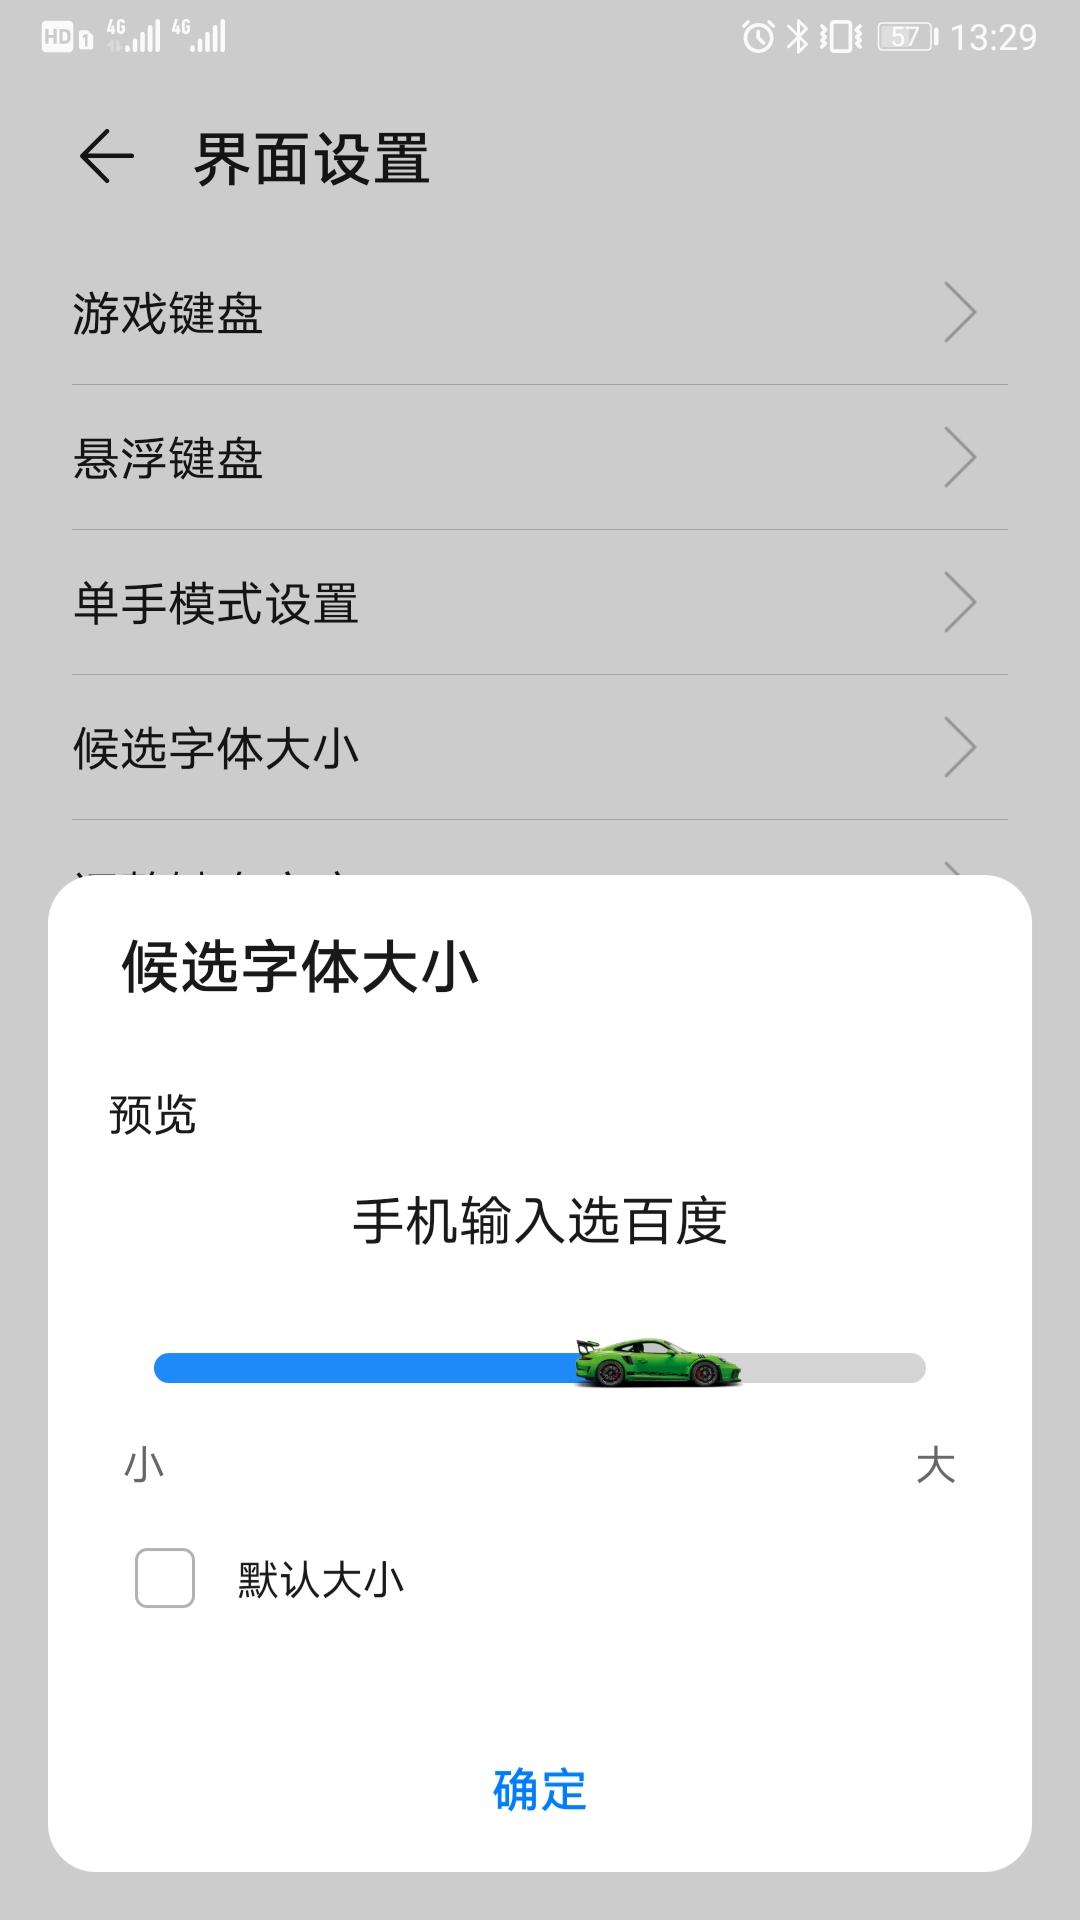 Screenshot_20200116_132940_com.baidu.input_huawei.jpg